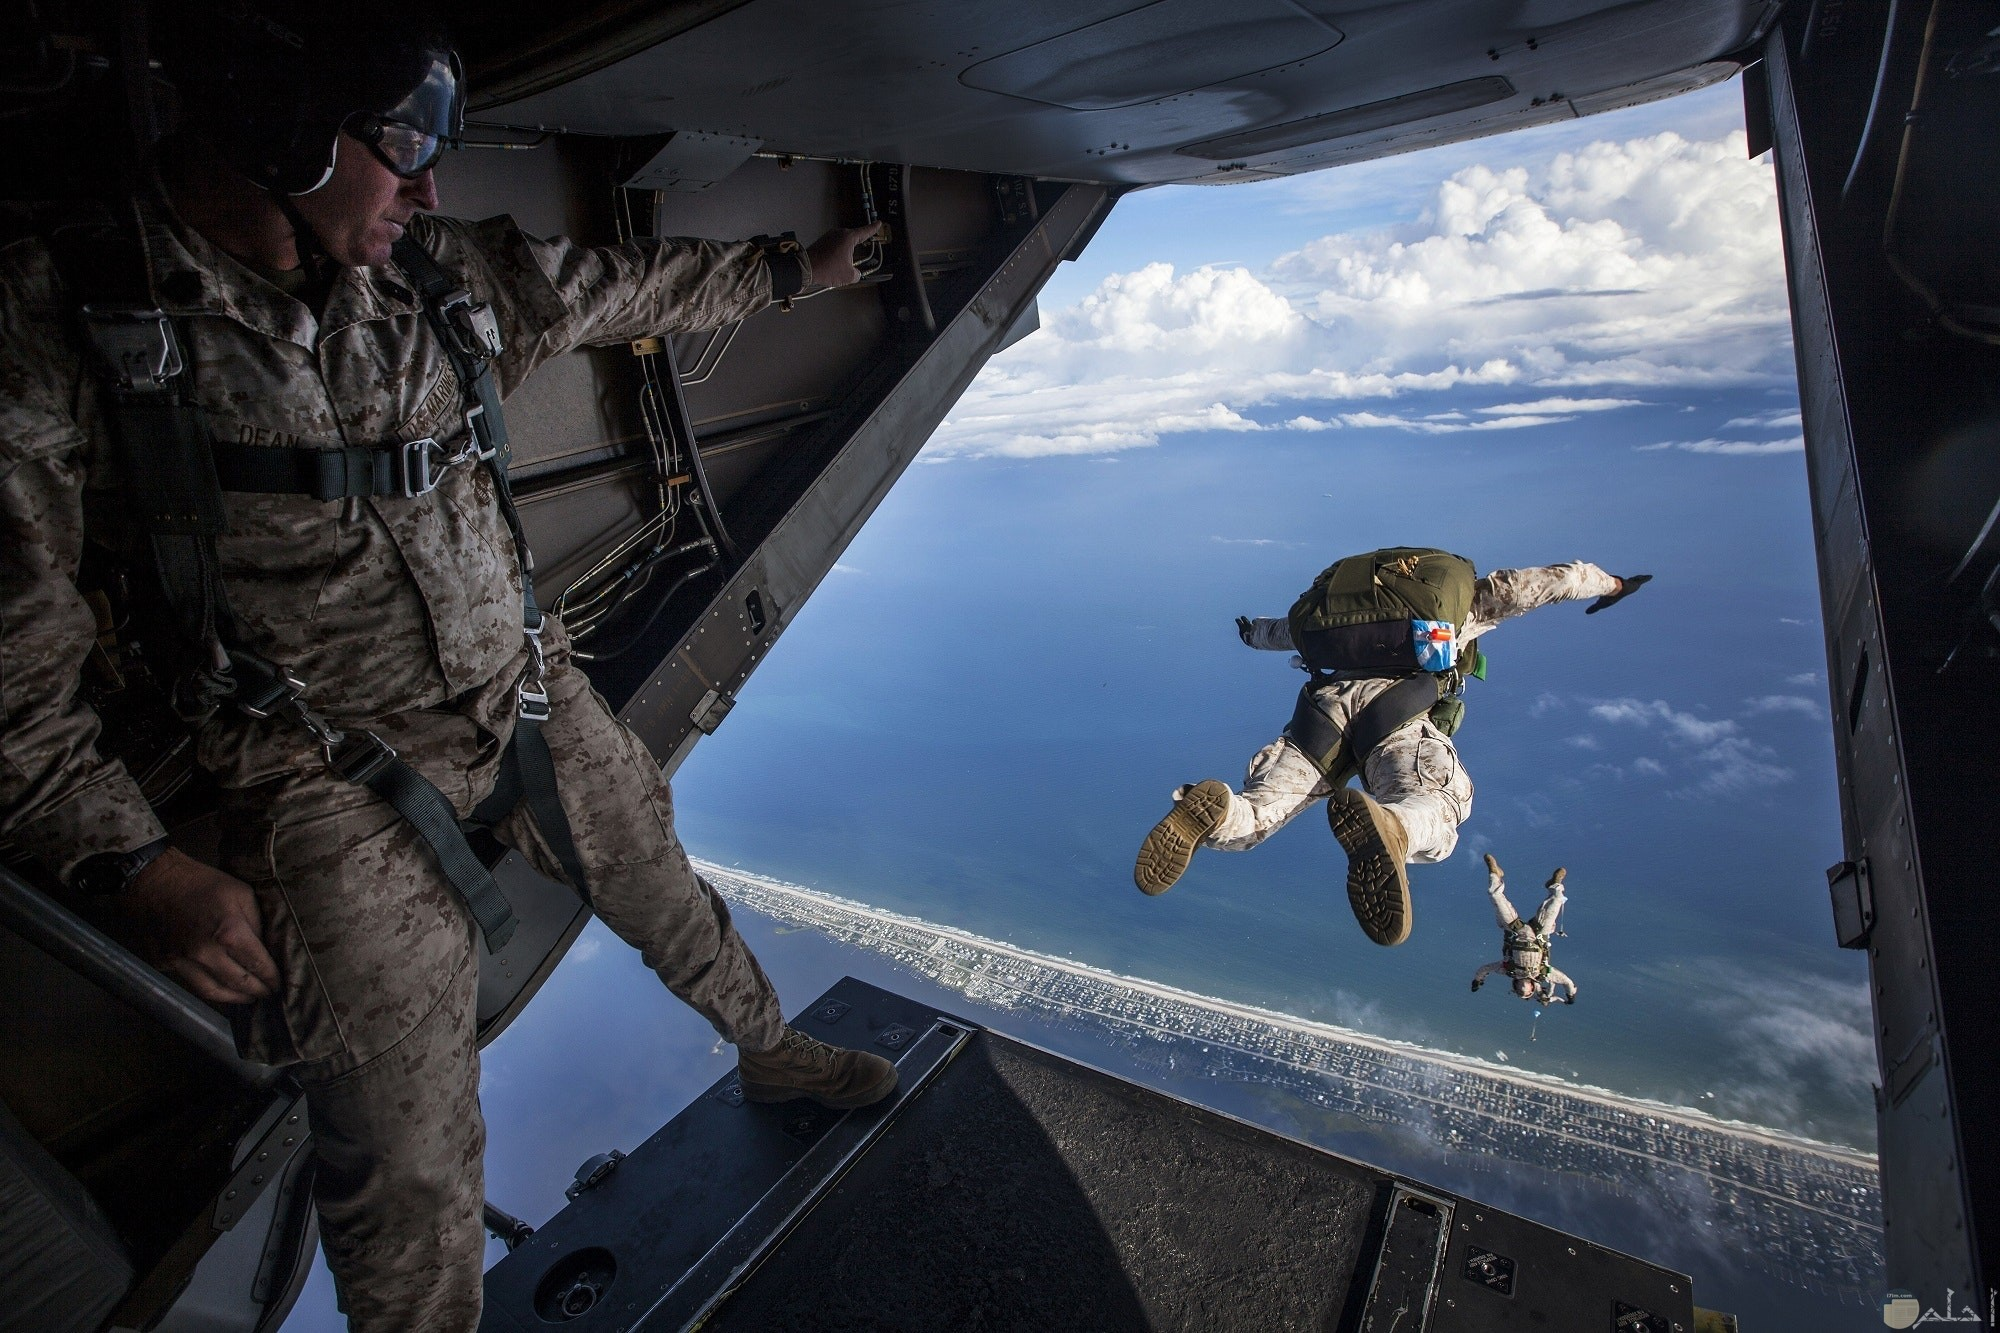 صورة أكشن مميزة لجنود يقفزون من الطائرة في الهواء